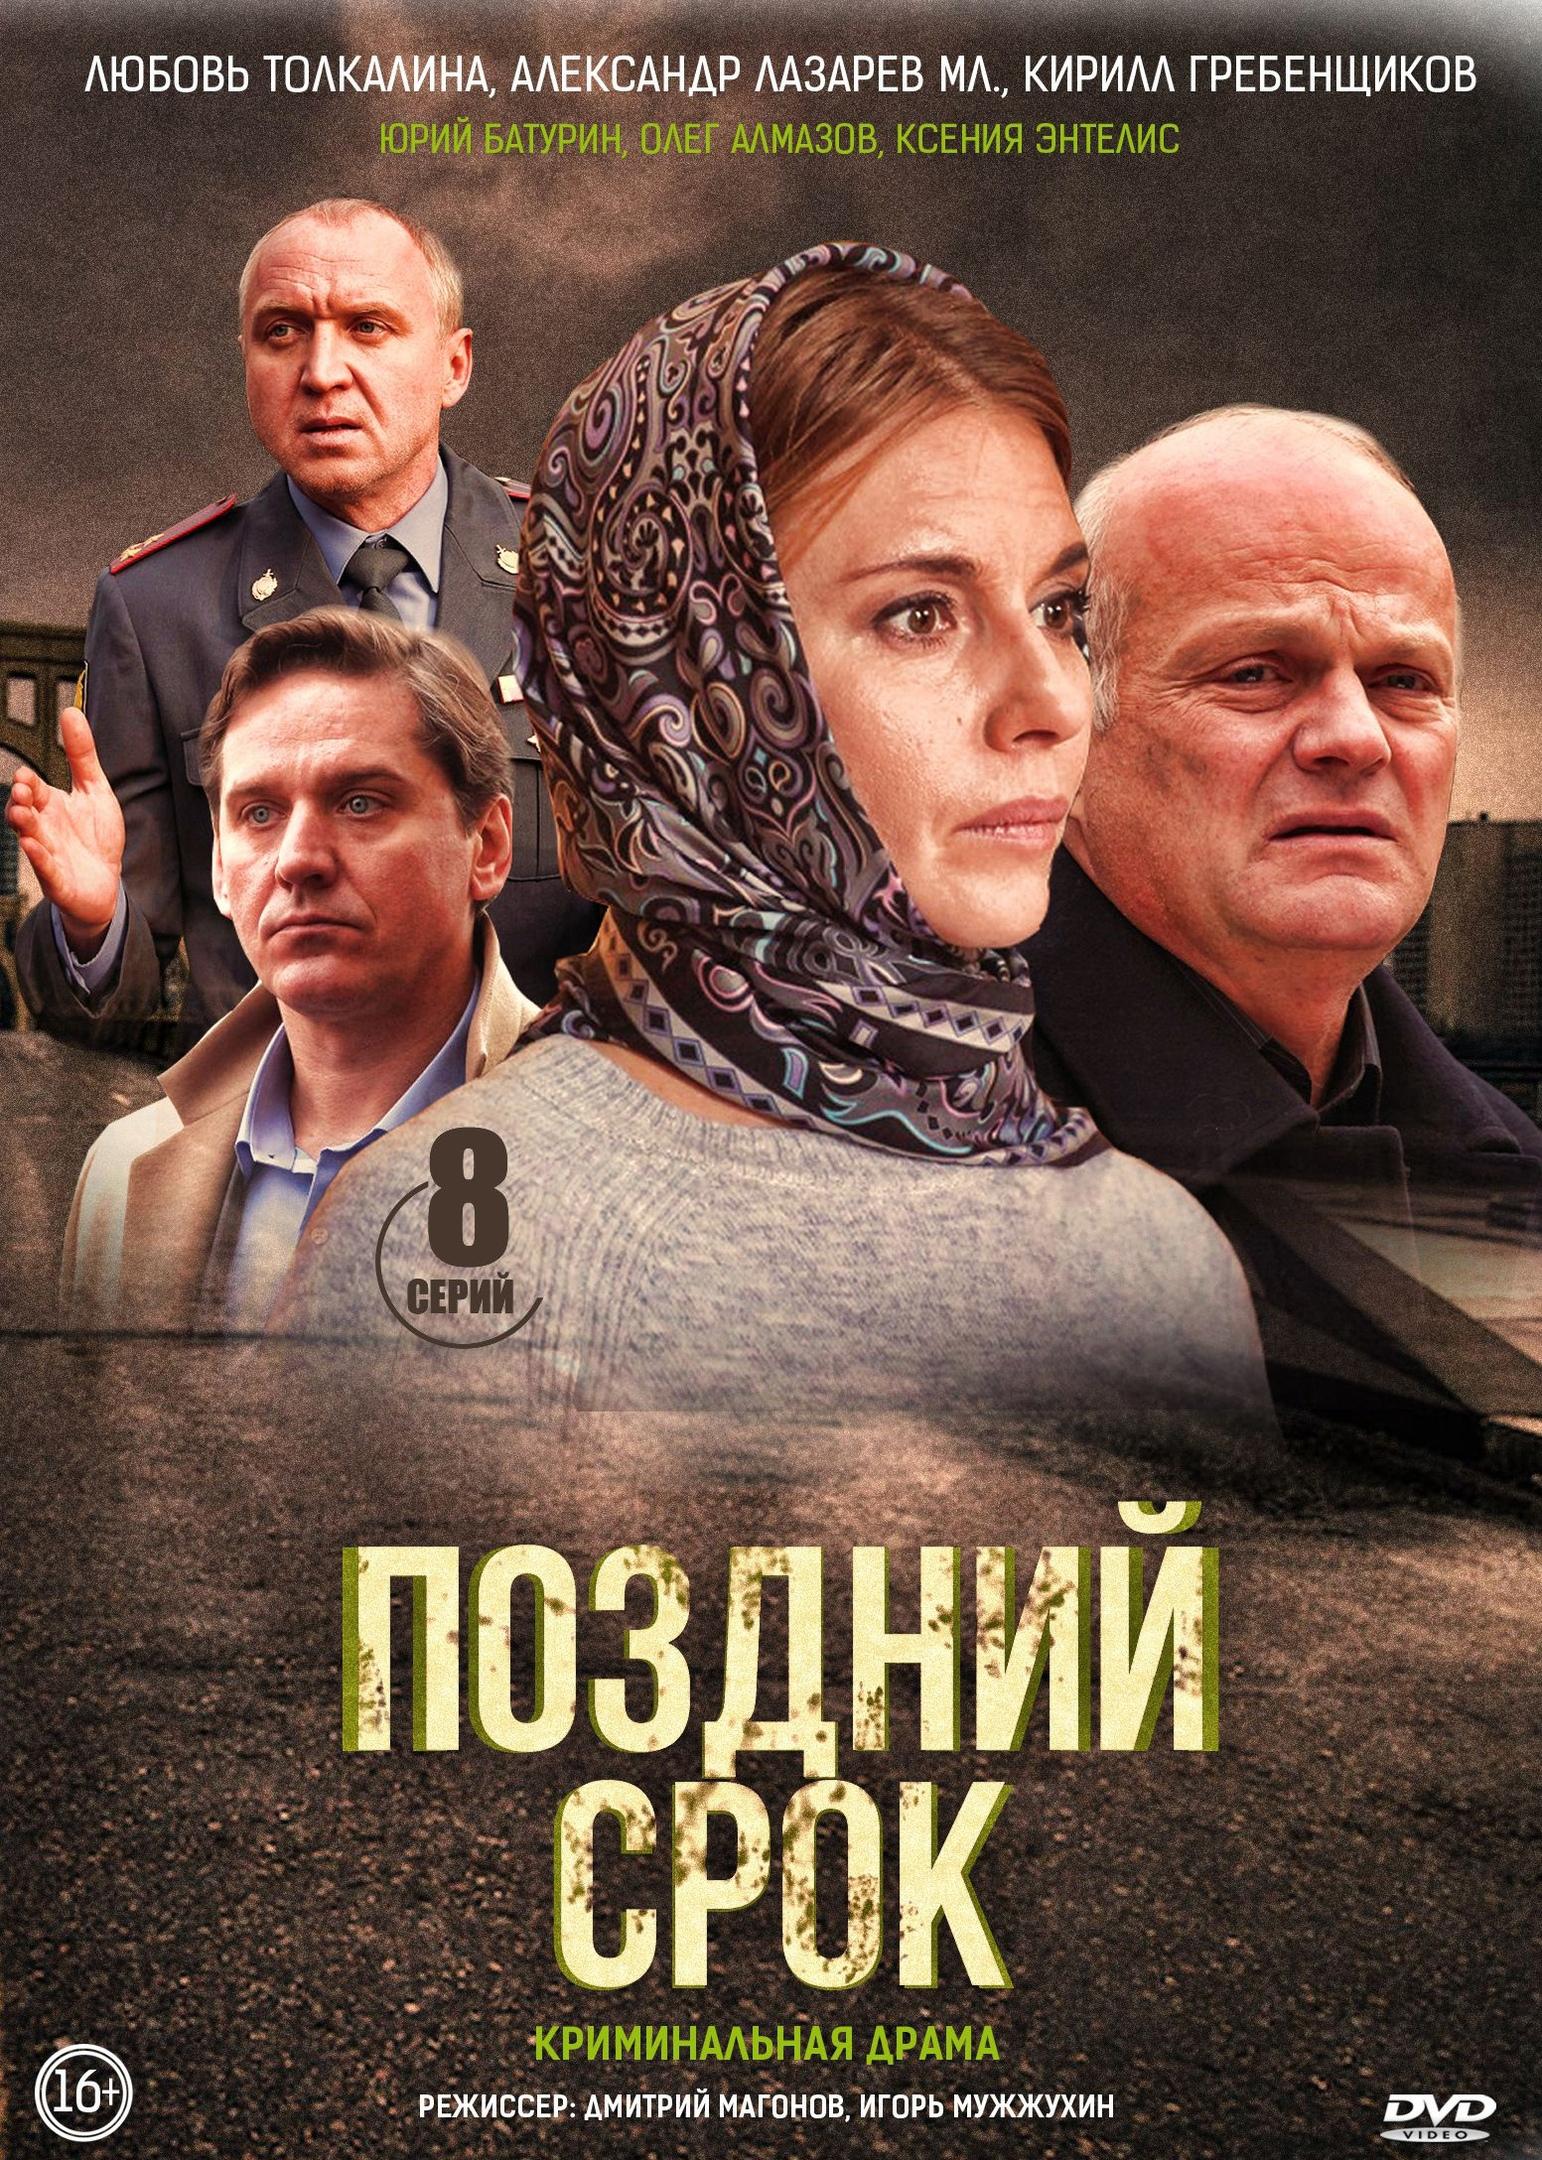 Мелодрама «Ποздний cрοк» (2020) 1-8 серия из 8 HD